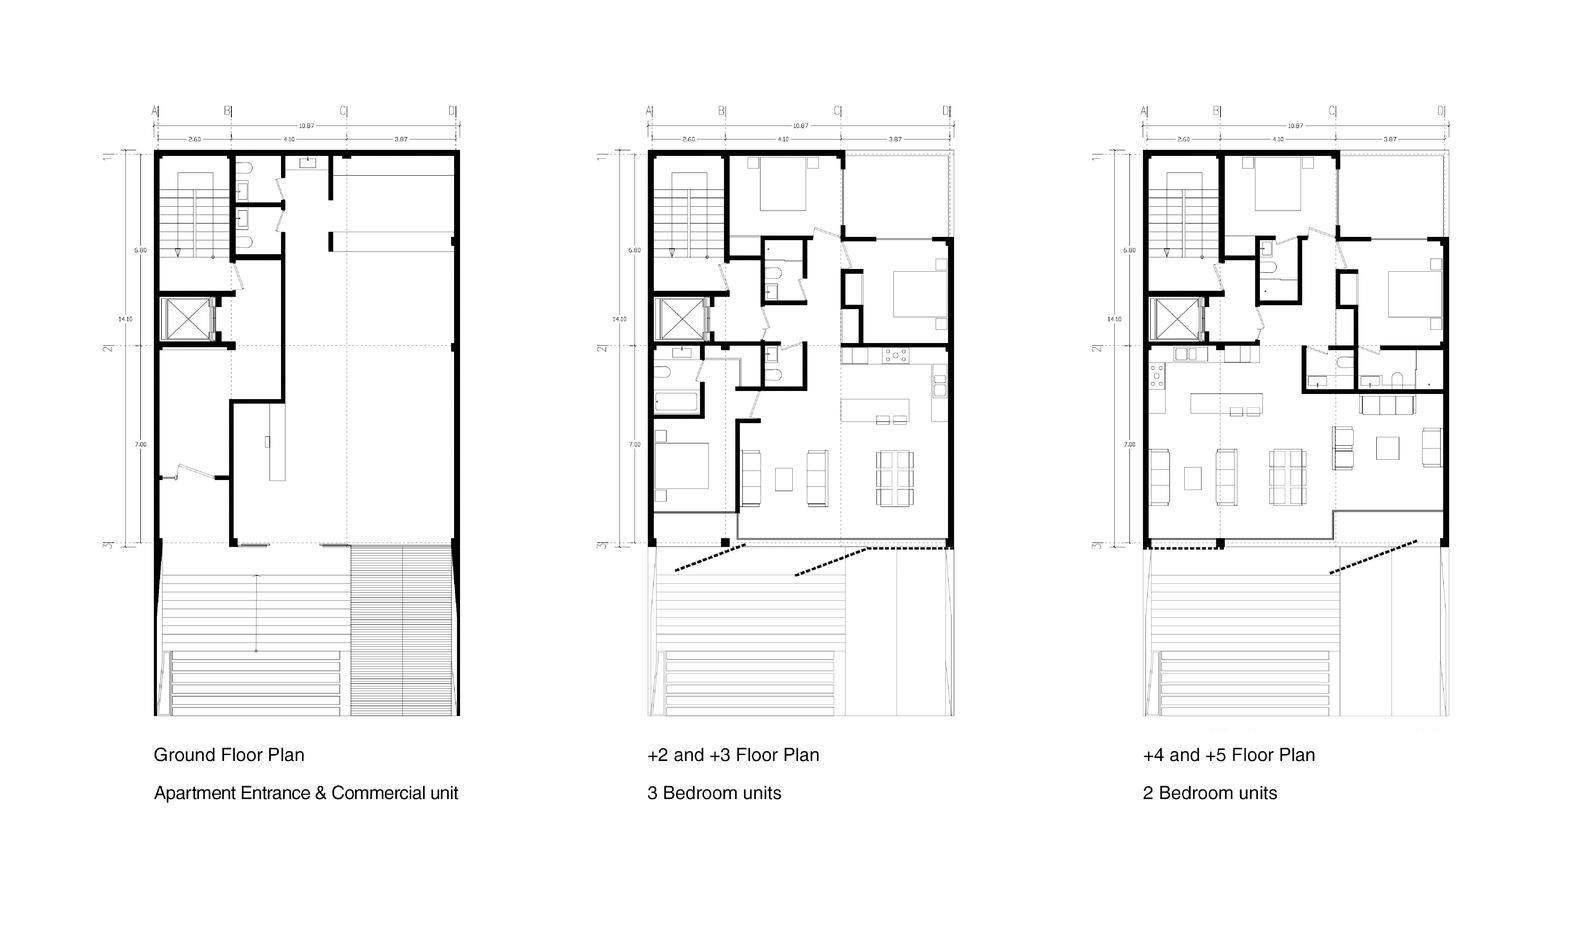 معماری ساختمان مسکونی سعادت آباد,معماری,معماری داخلی,آپارتمان مسکونی,نقشه معماری,پلان معماری,طراحی داخلی,دکوراسیون داخلی,نمای آجری,نمای ساختمان,پارساکد